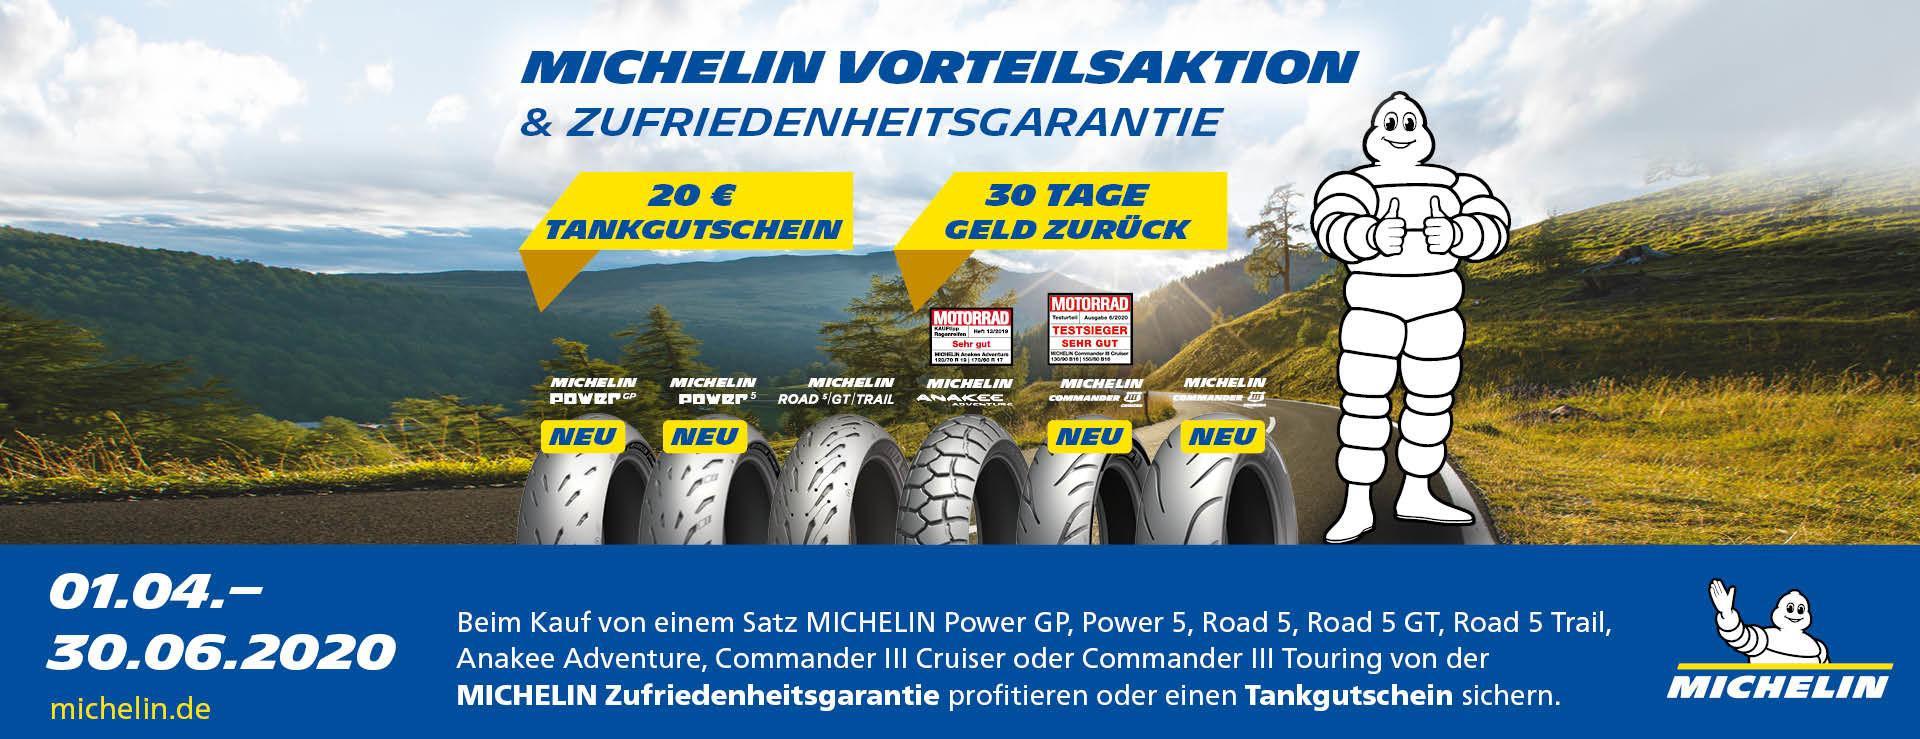 Michelin Vorteilsaktion